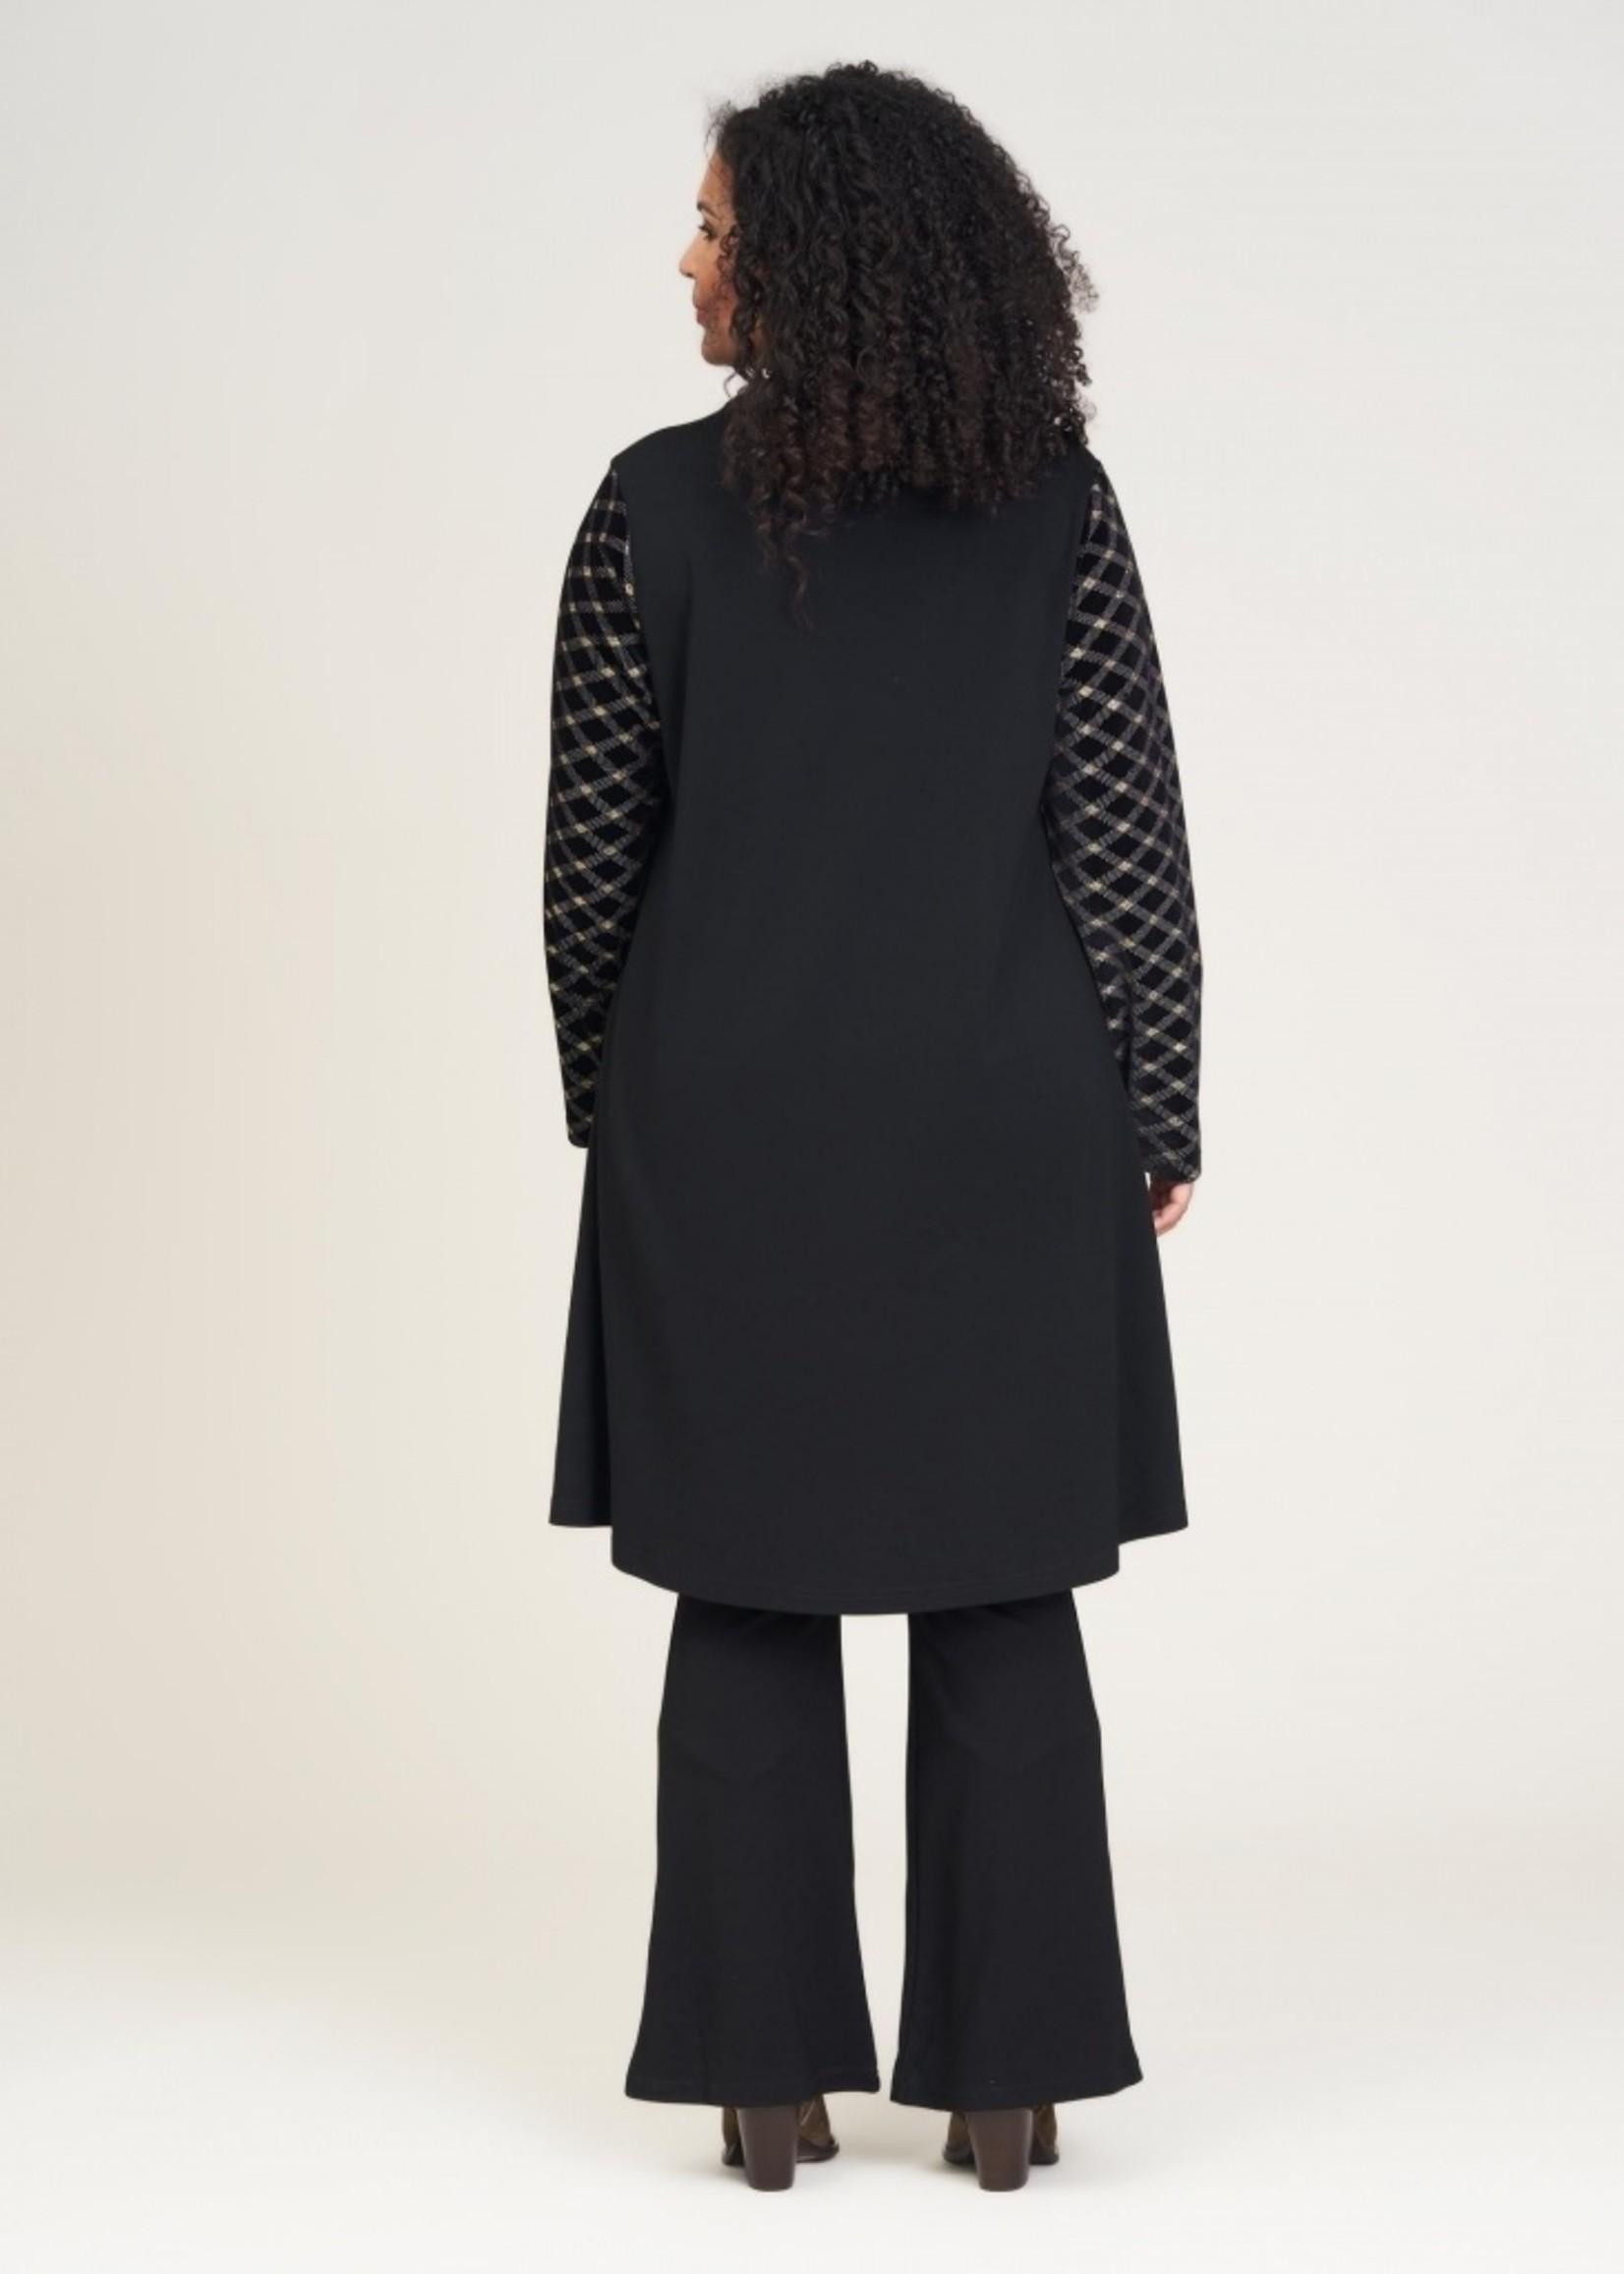 Studio Studio Dina Dress